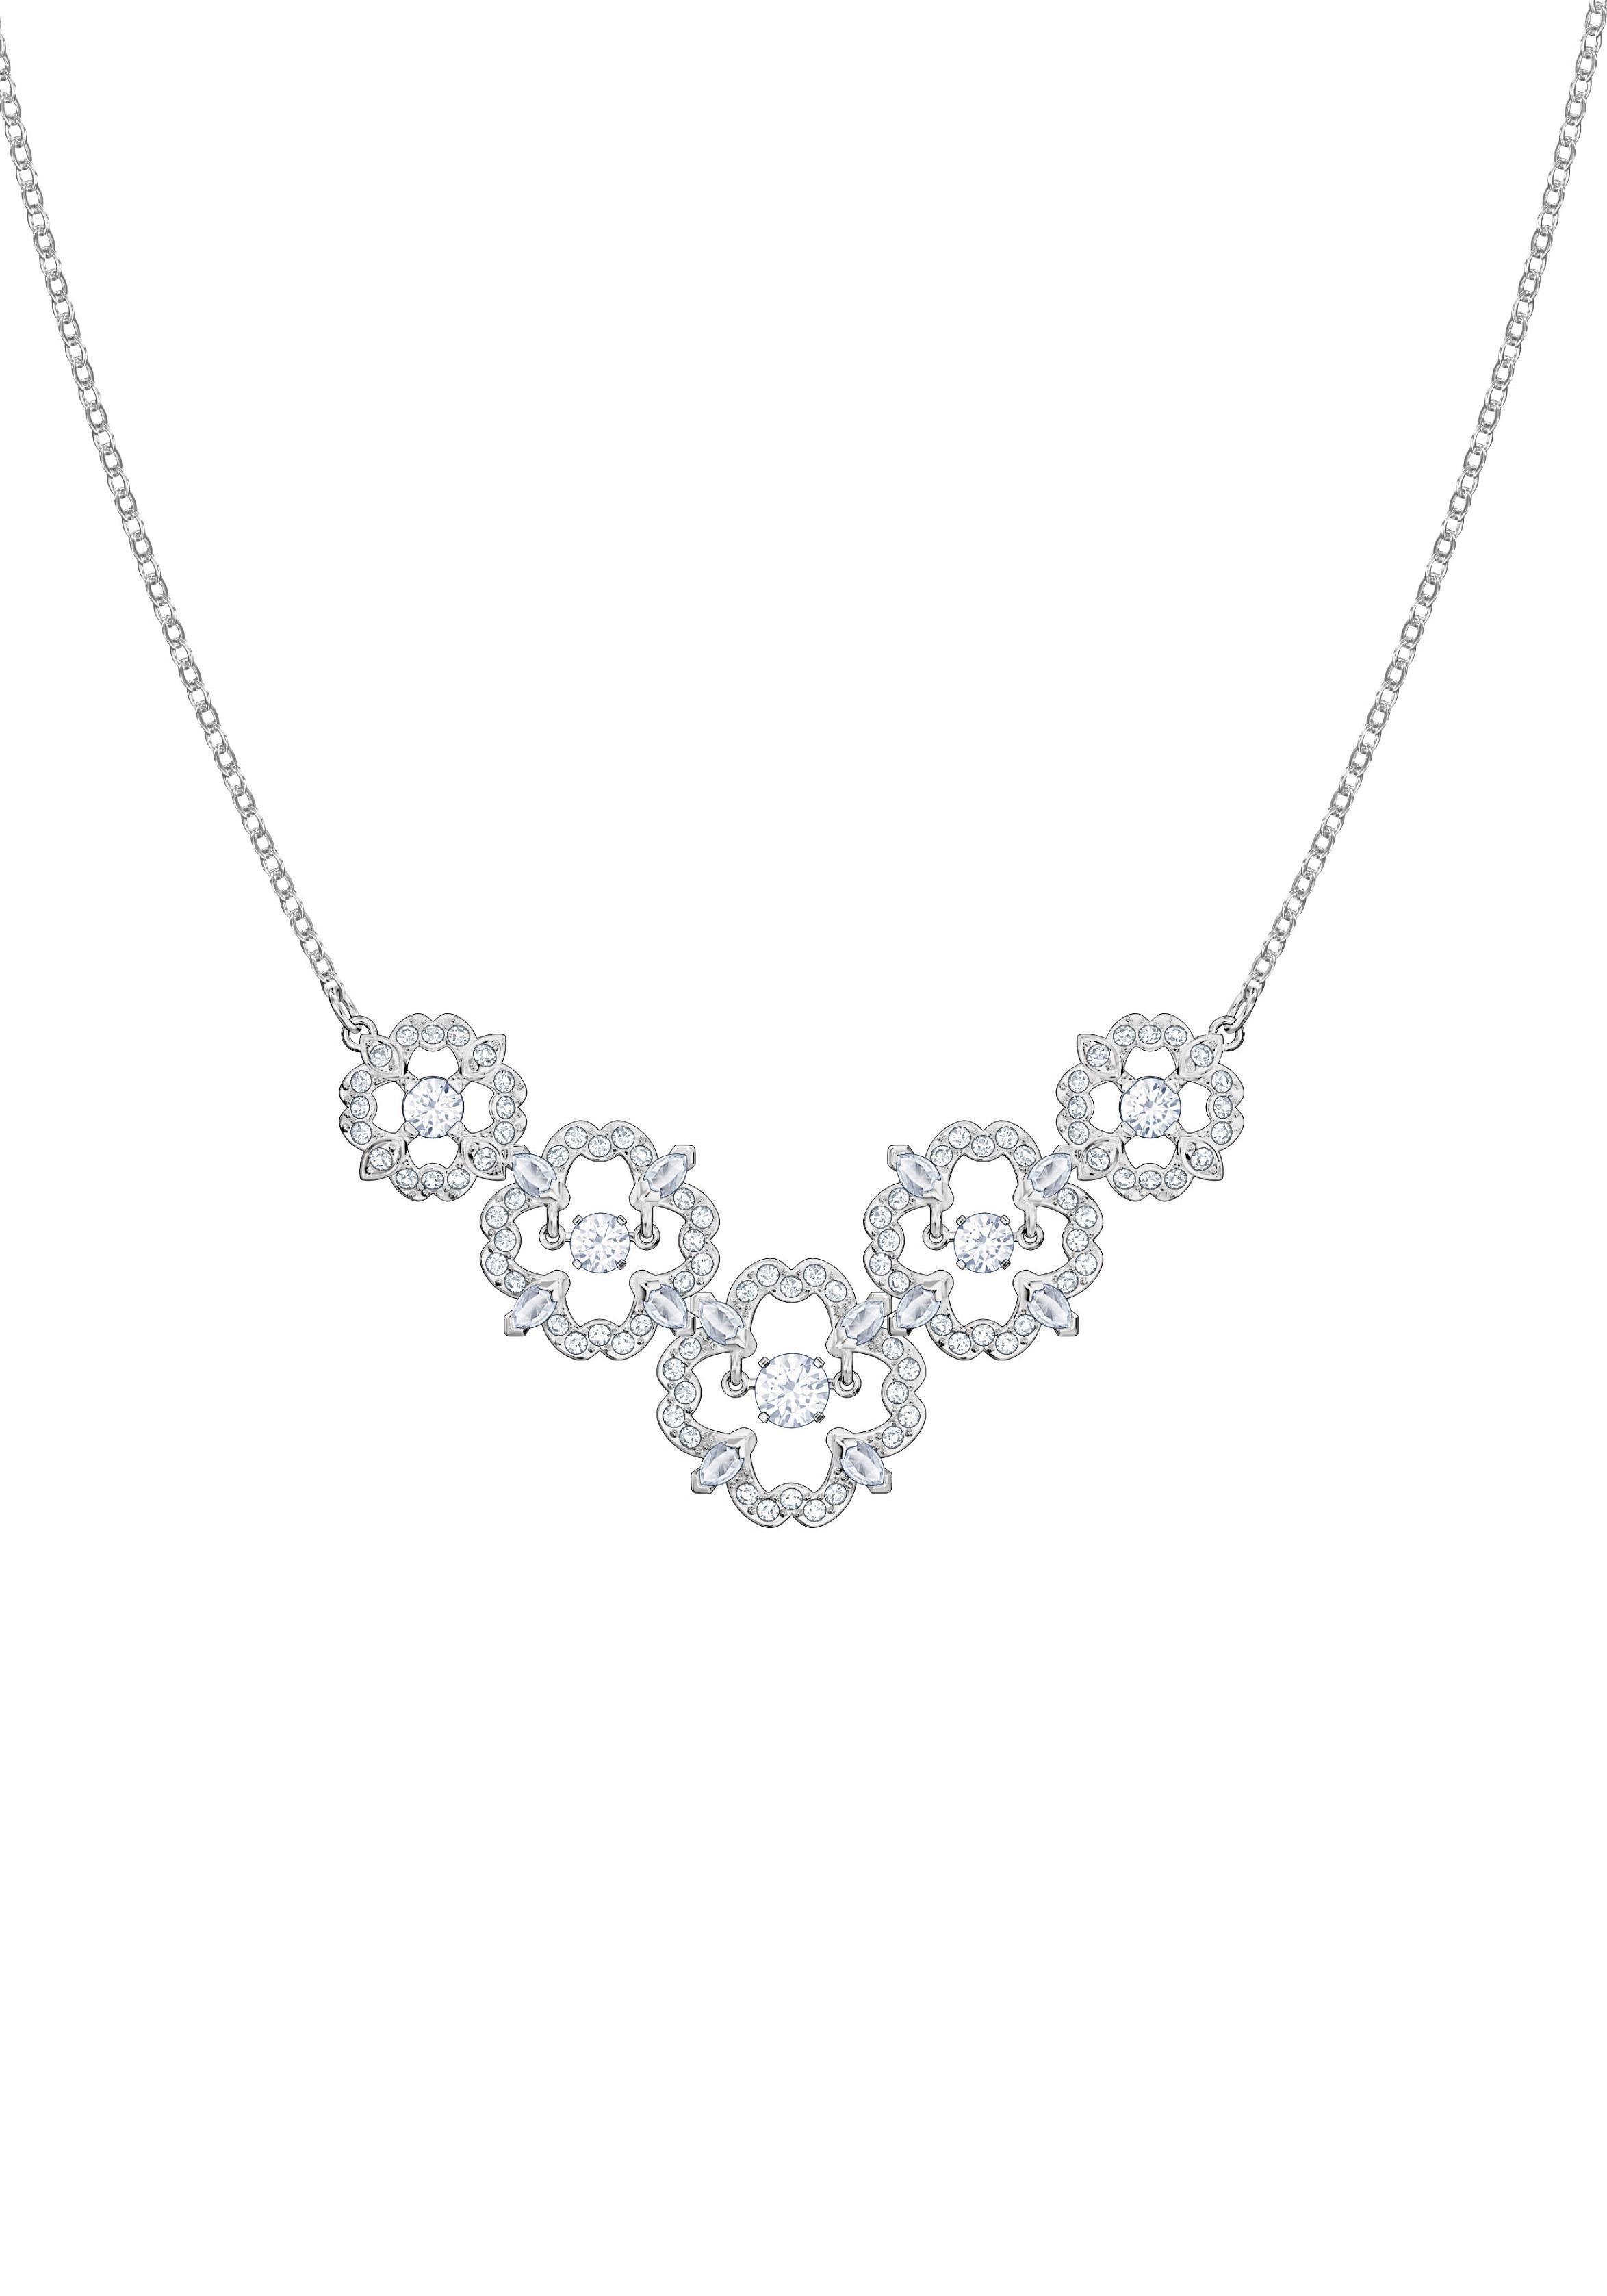 Swarovski Kette mit Anhänger »Sparkling Dance Flower Halskette, mittel, weiss, rhodiniert, 5397240« mit Swarovski® Kristallen